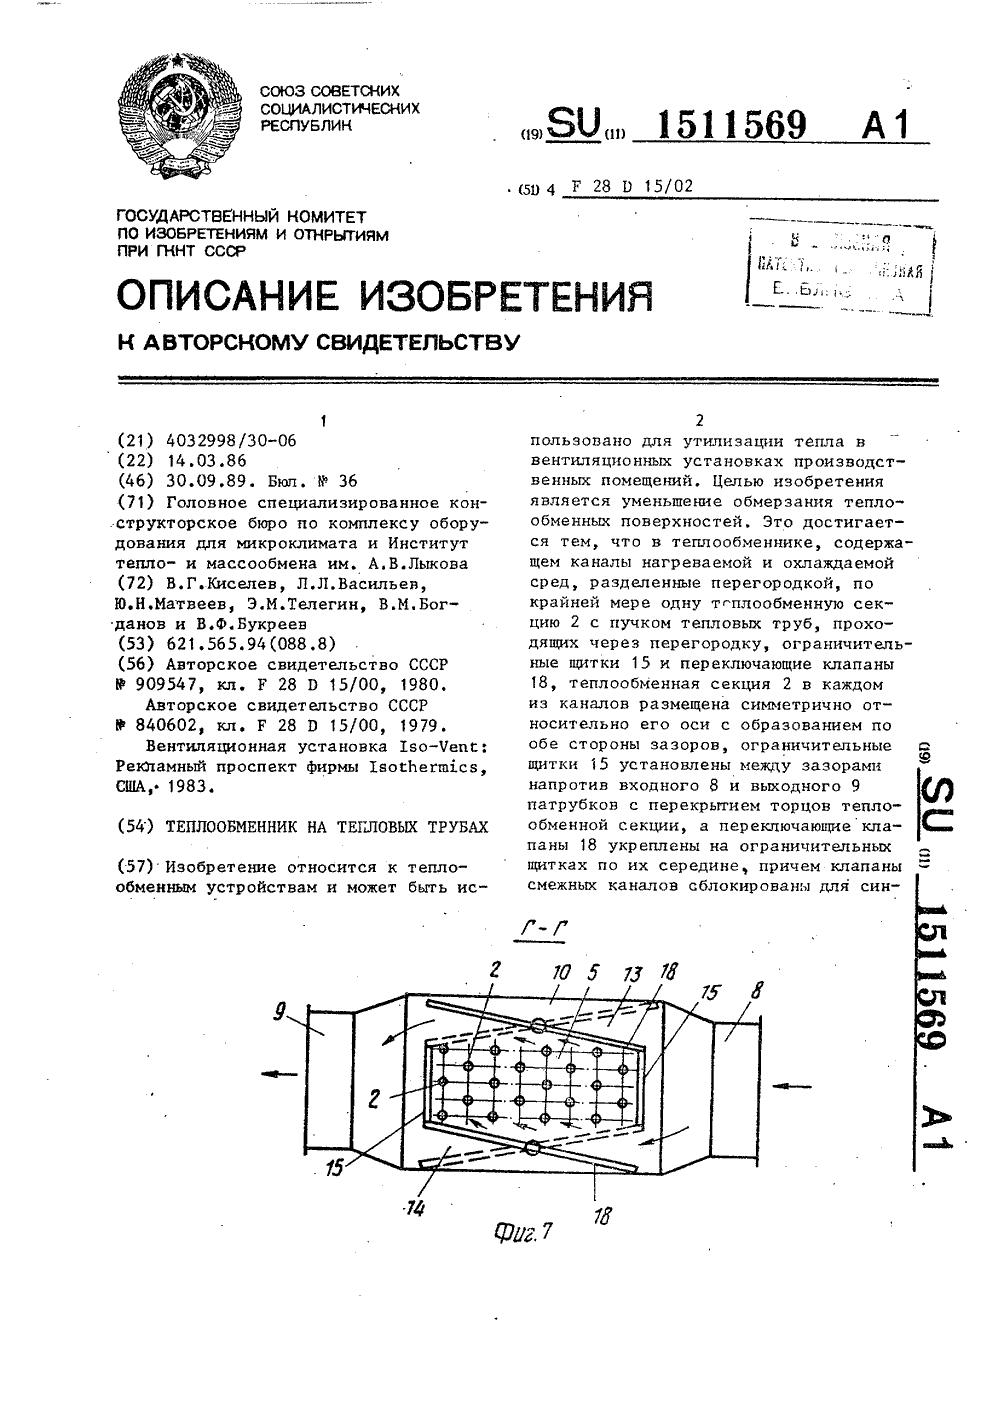 Теплообменник на тепловых трубах Пластинчатый теплообменник HISAKA UX-130 Ижевск